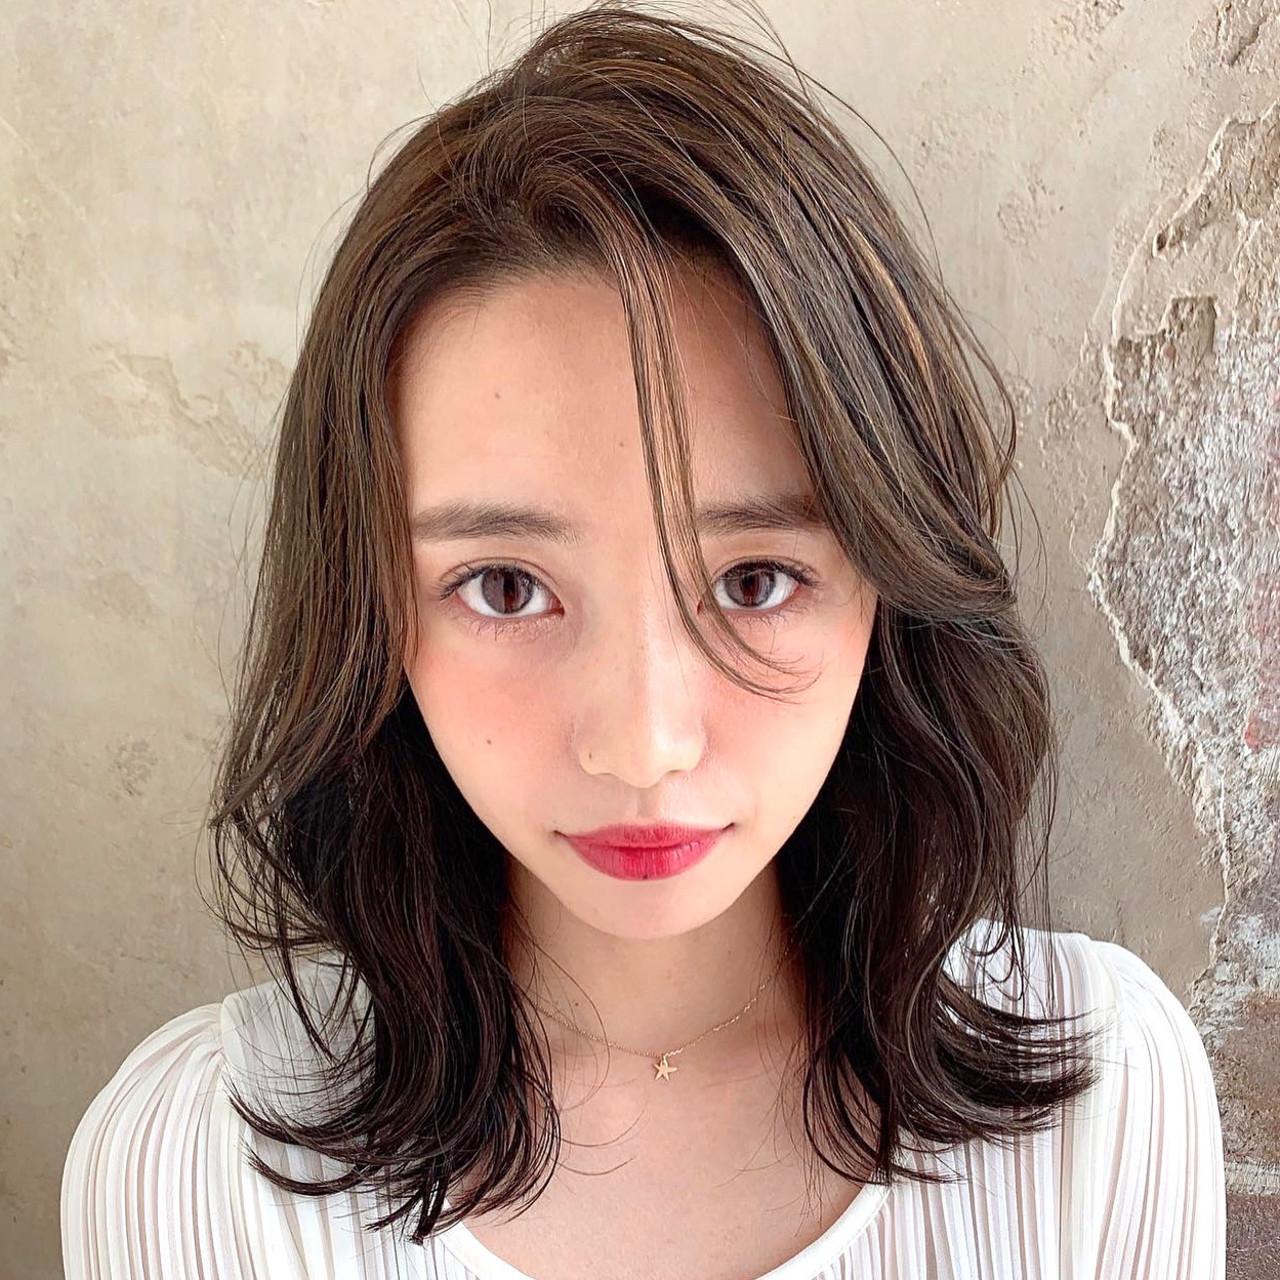 色気 レイヤー エレガント 前髪なし ヘアスタイルや髪型の写真・画像